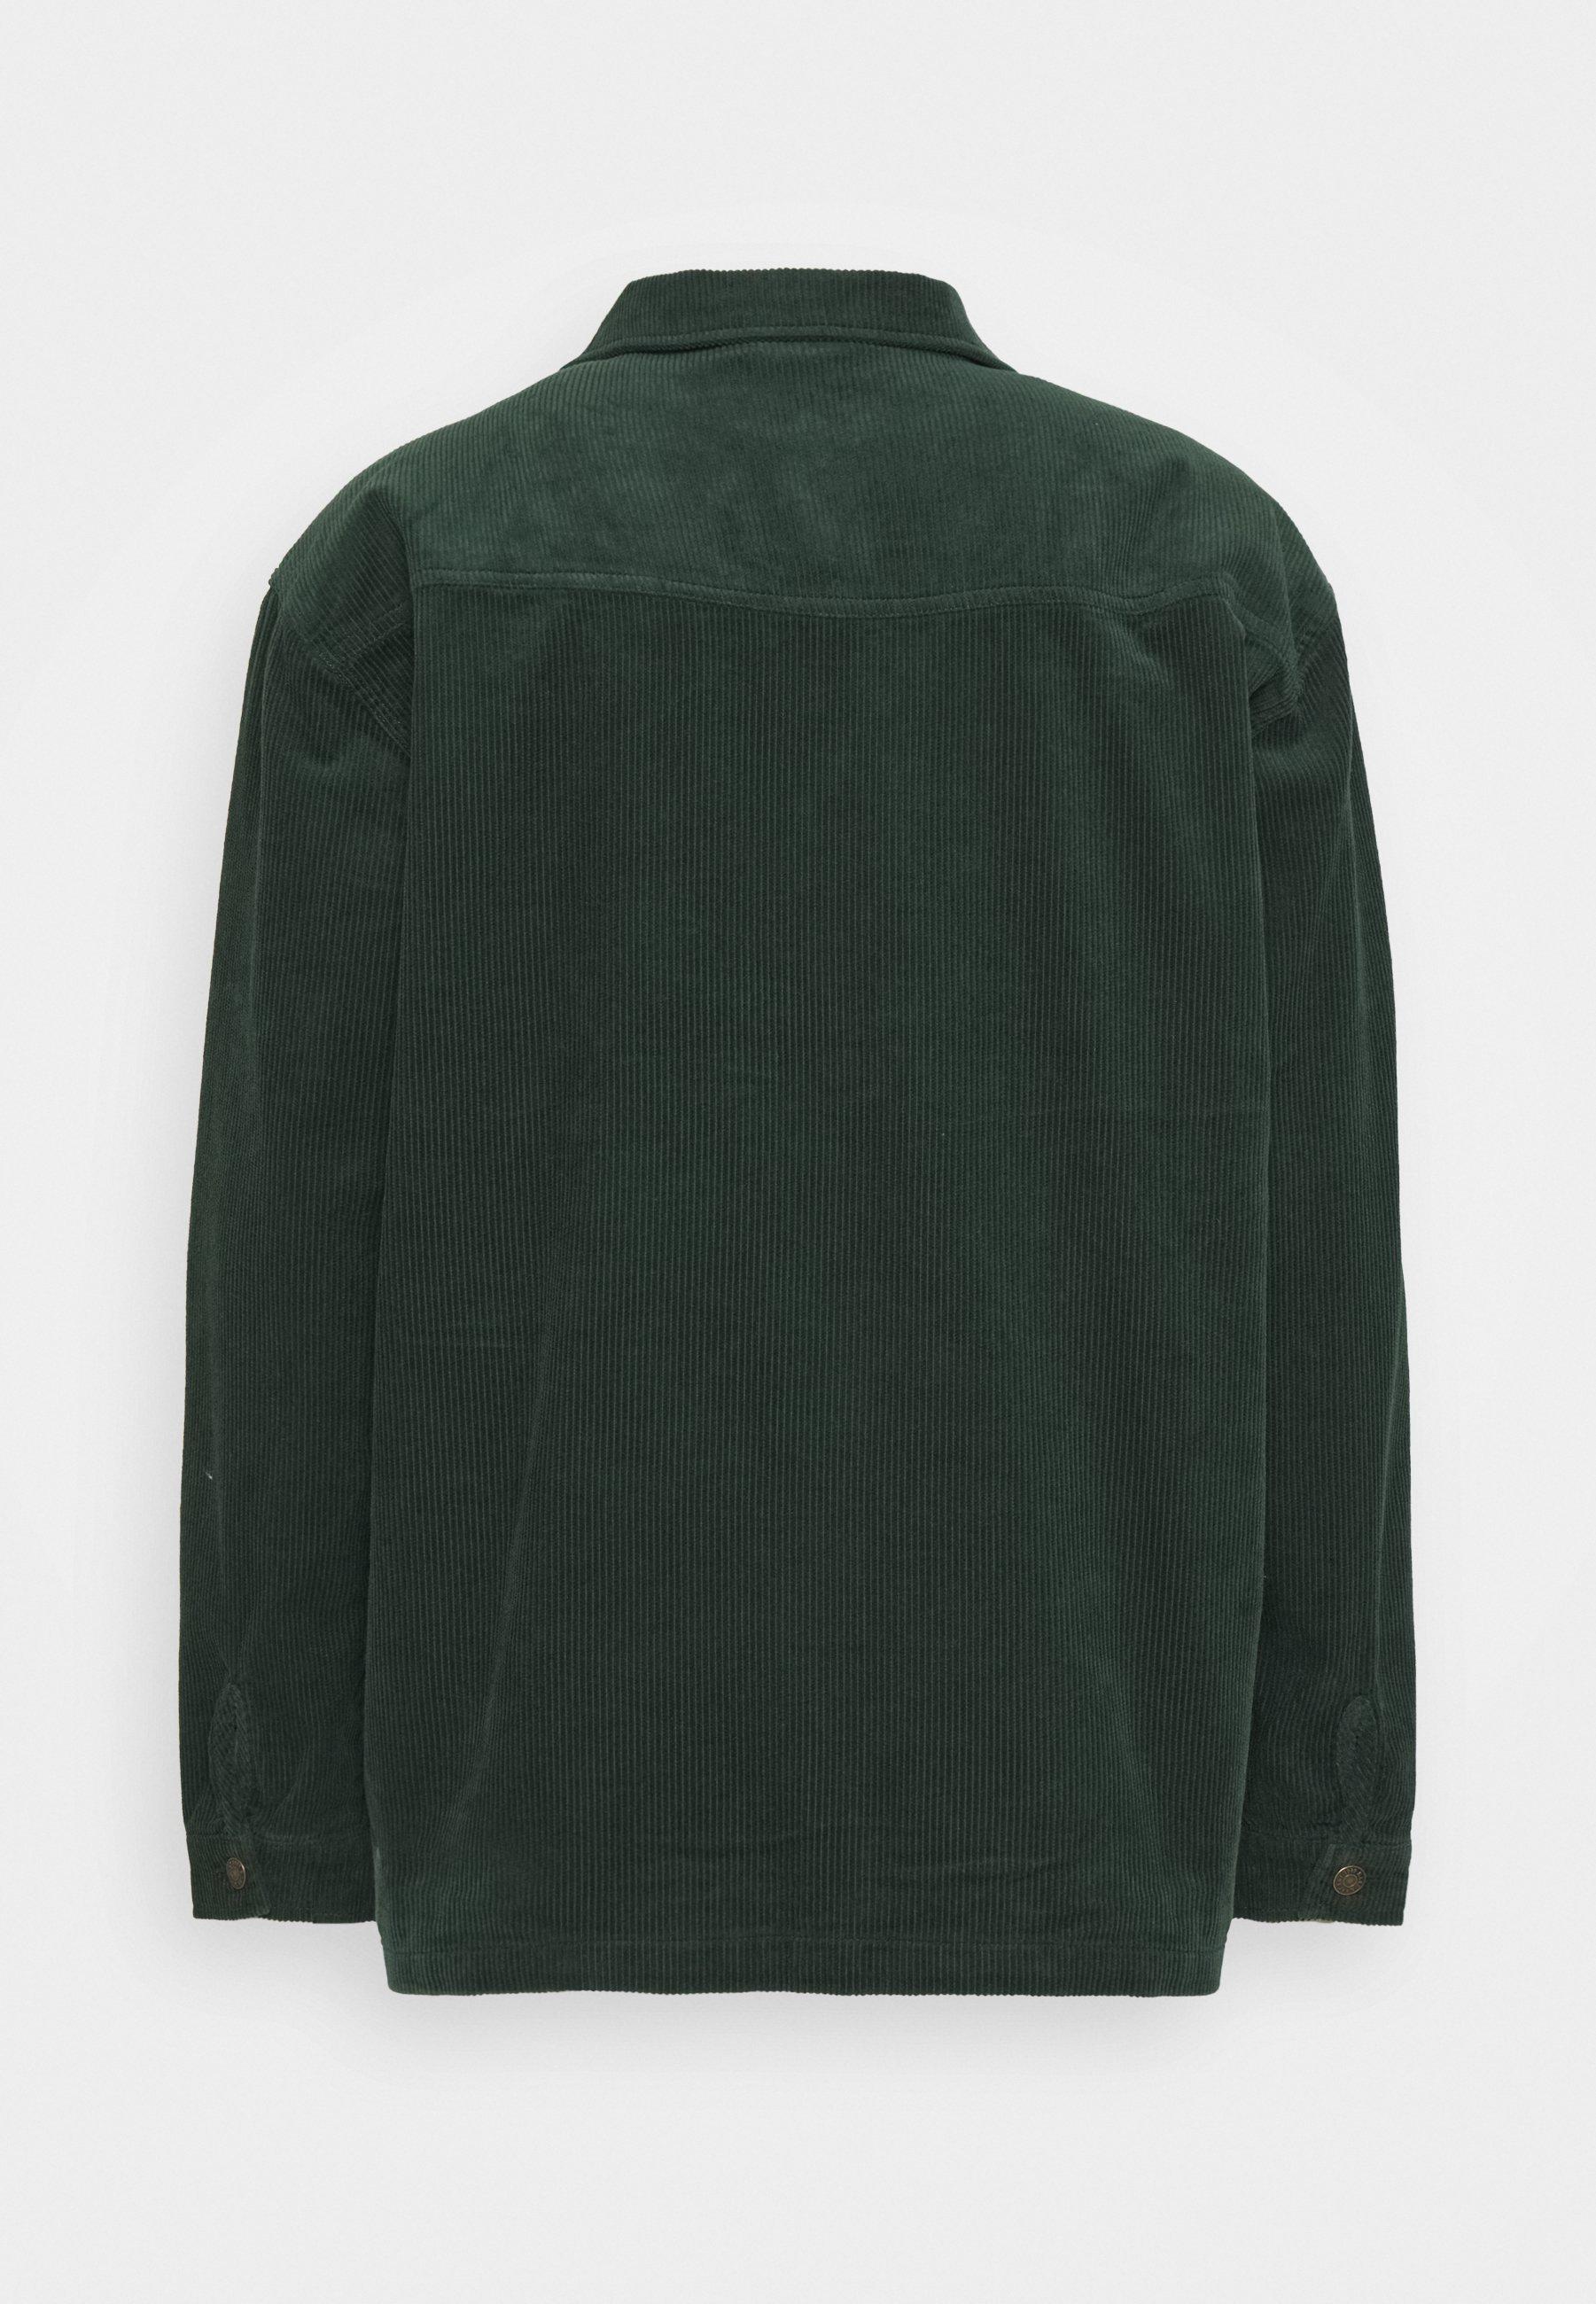 Karl Kani Signature Jacket - Lett Jakke Green/grønn